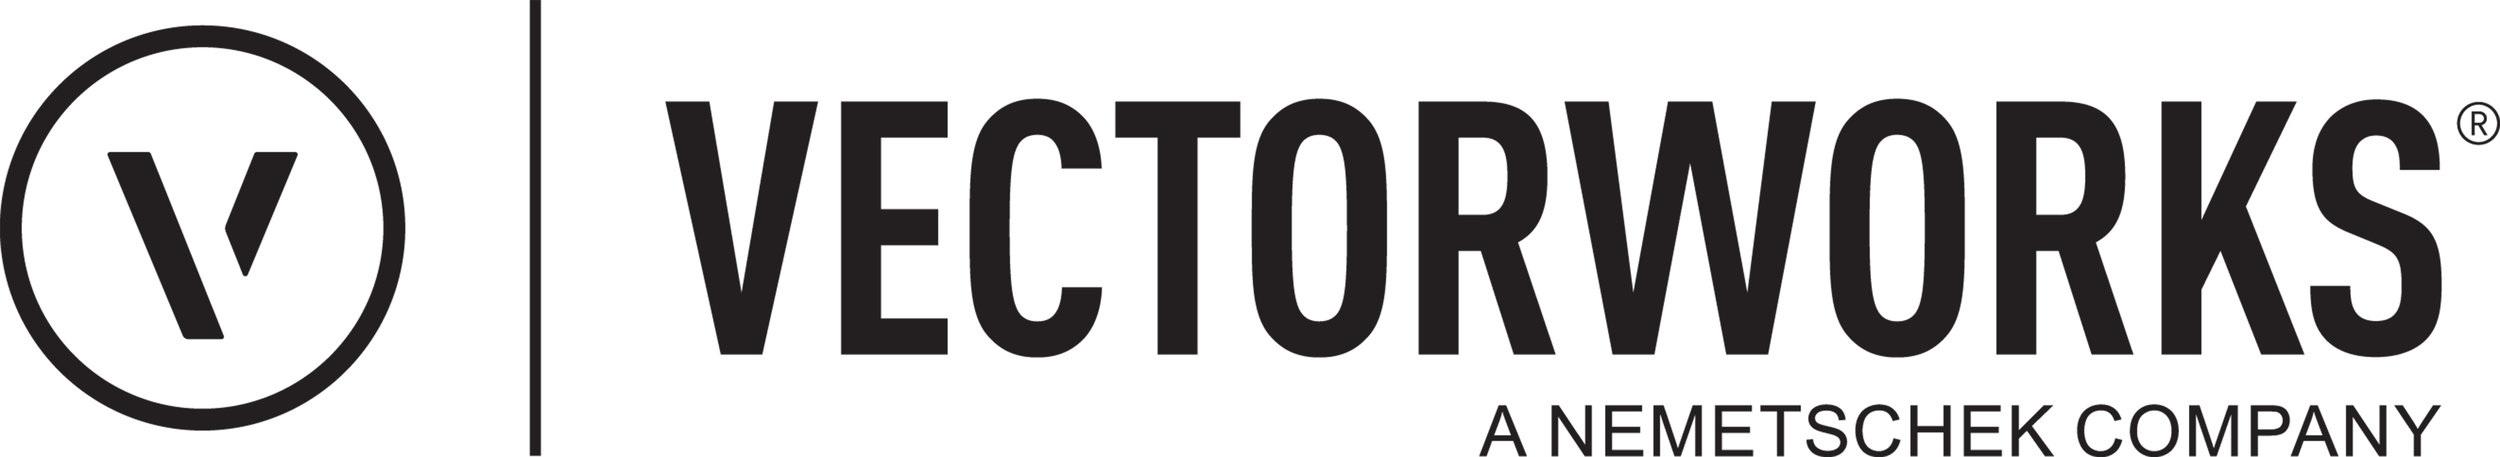 2015_Vectorworks_logotype_Nemetschek_Modifier.jpg